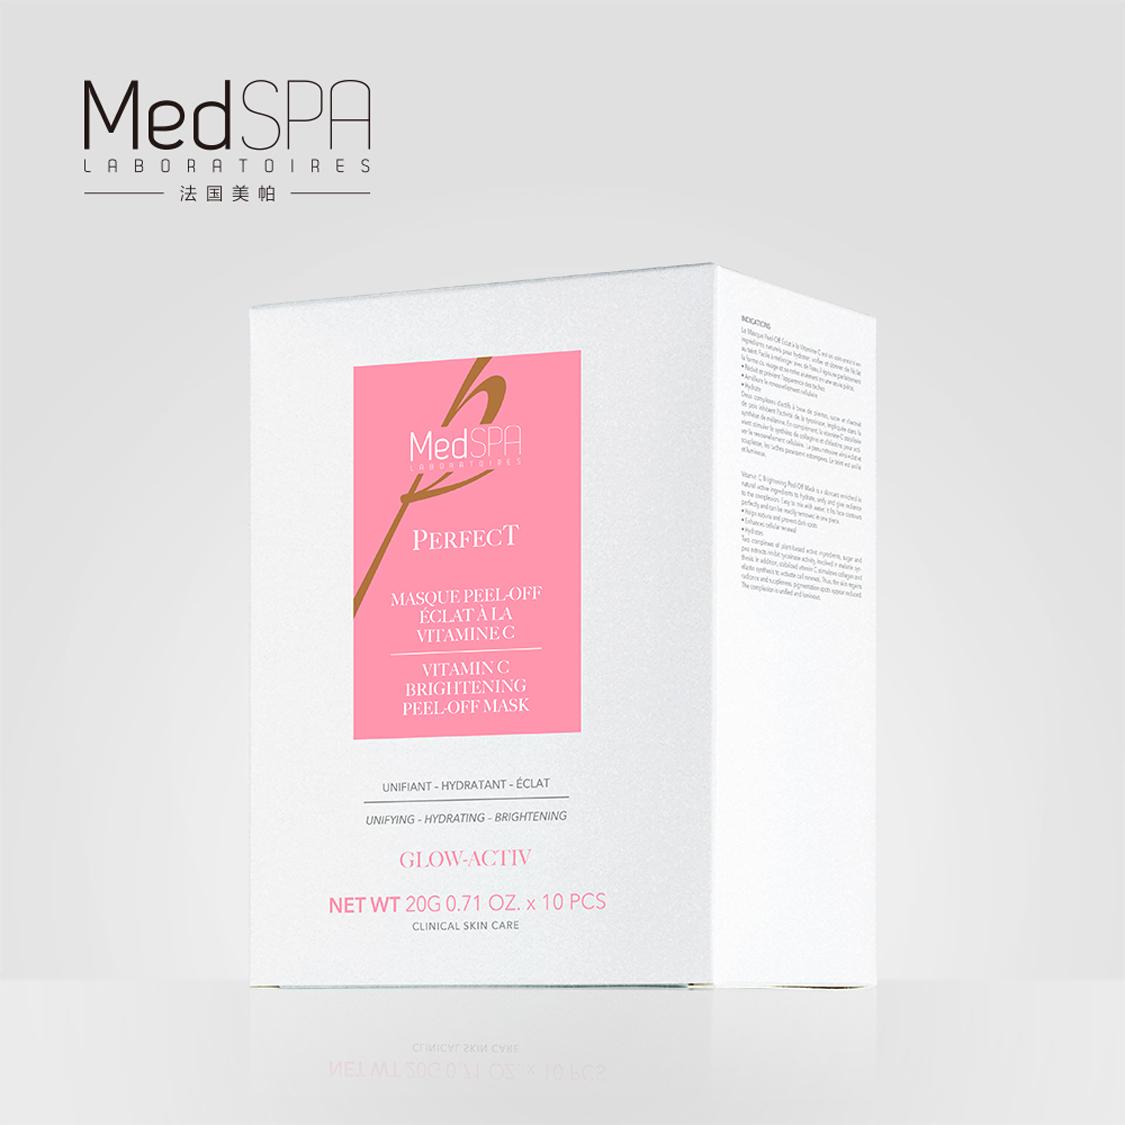 MedSPA-美帕奇迹焕白面膜 补水保湿白皙 均匀美白 淡斑提亮肤色